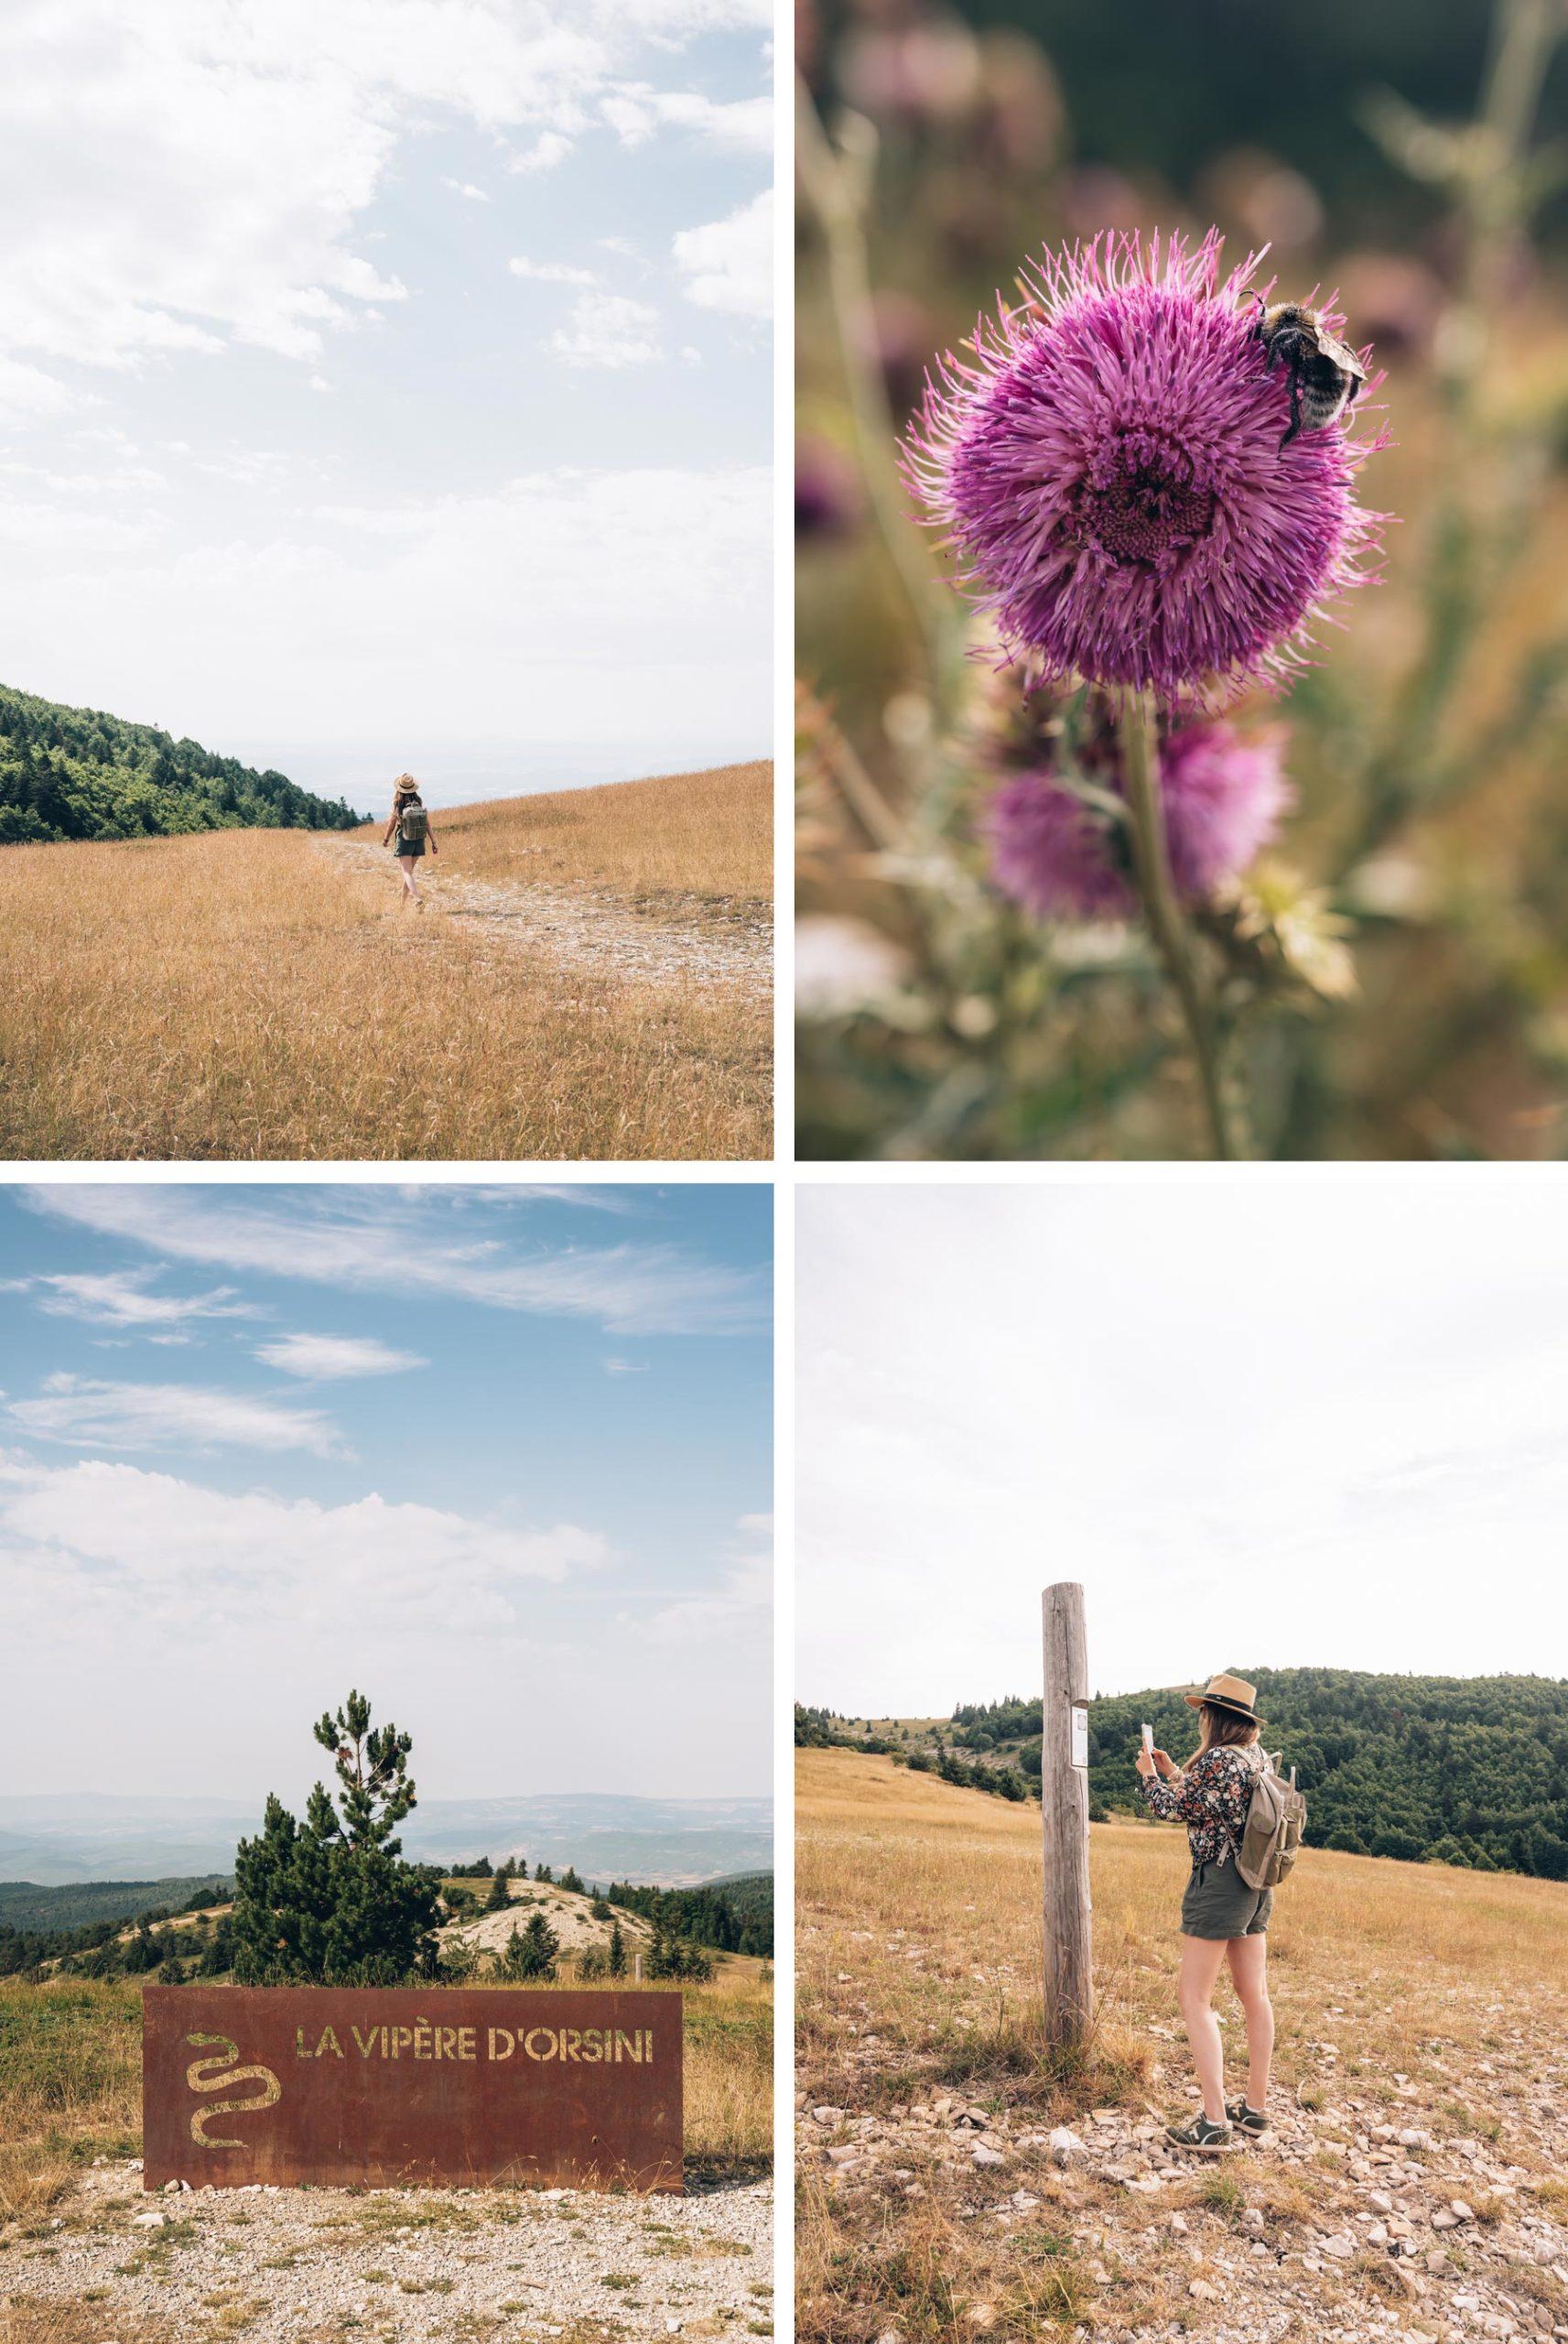 Montagne de Lure, Alpes de Haute Provence